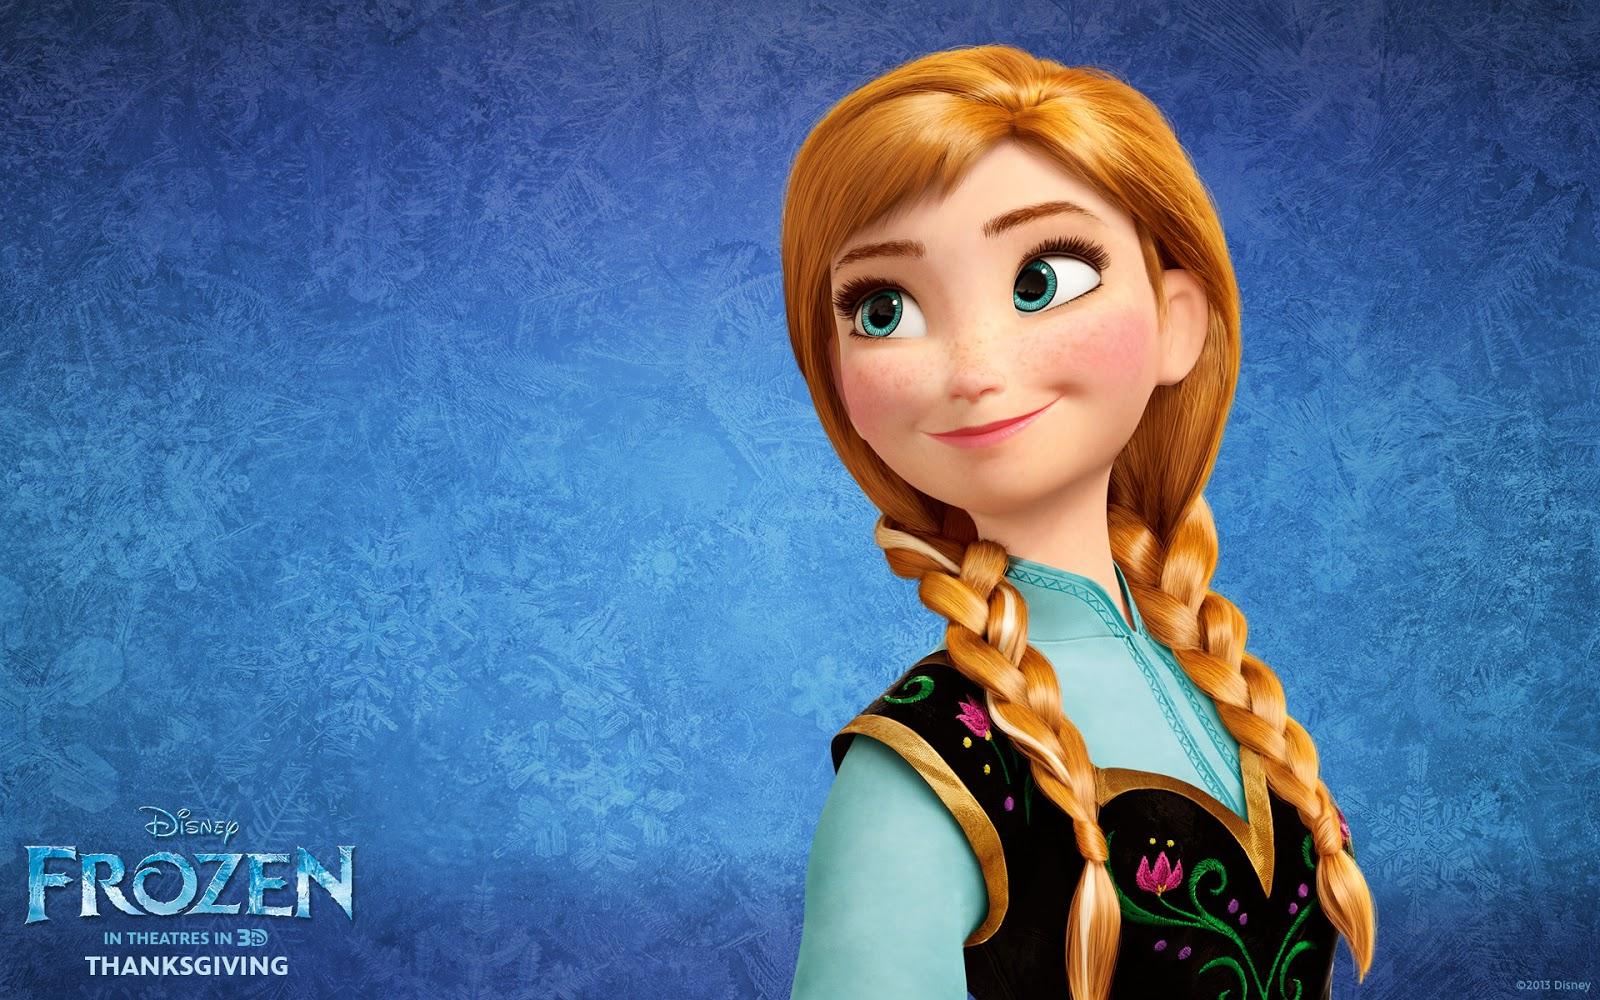 Anna Frozen Wallpaper